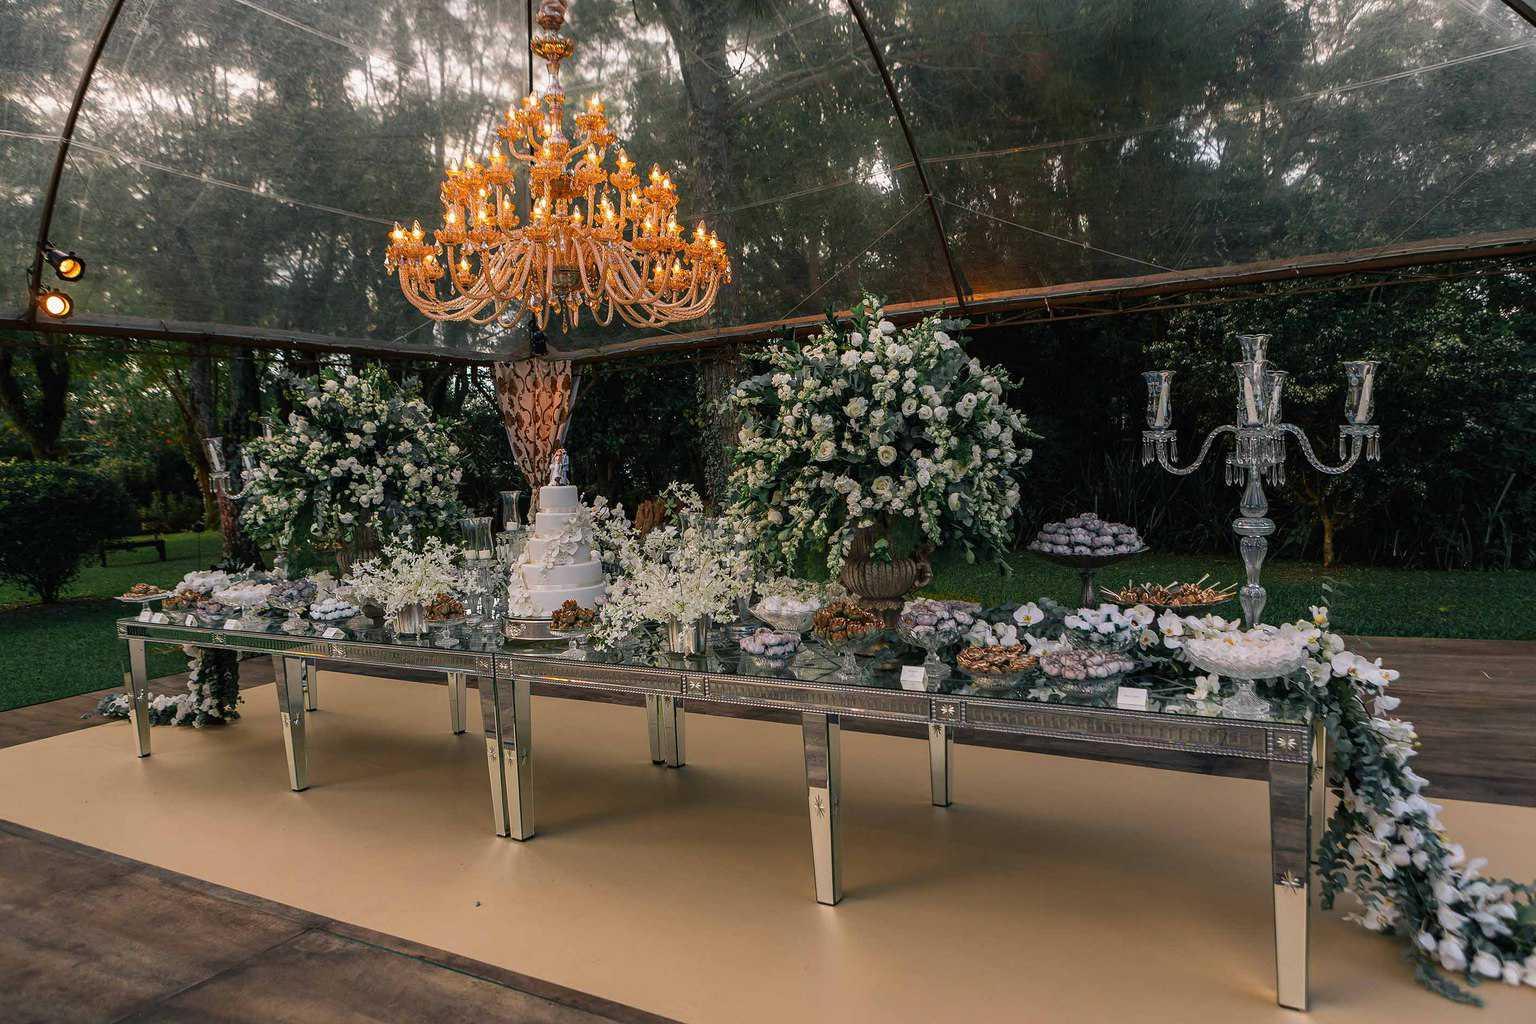 bolo-de-casamento-casamento-Marcela-e-Luciano-decoracao-da-festa4